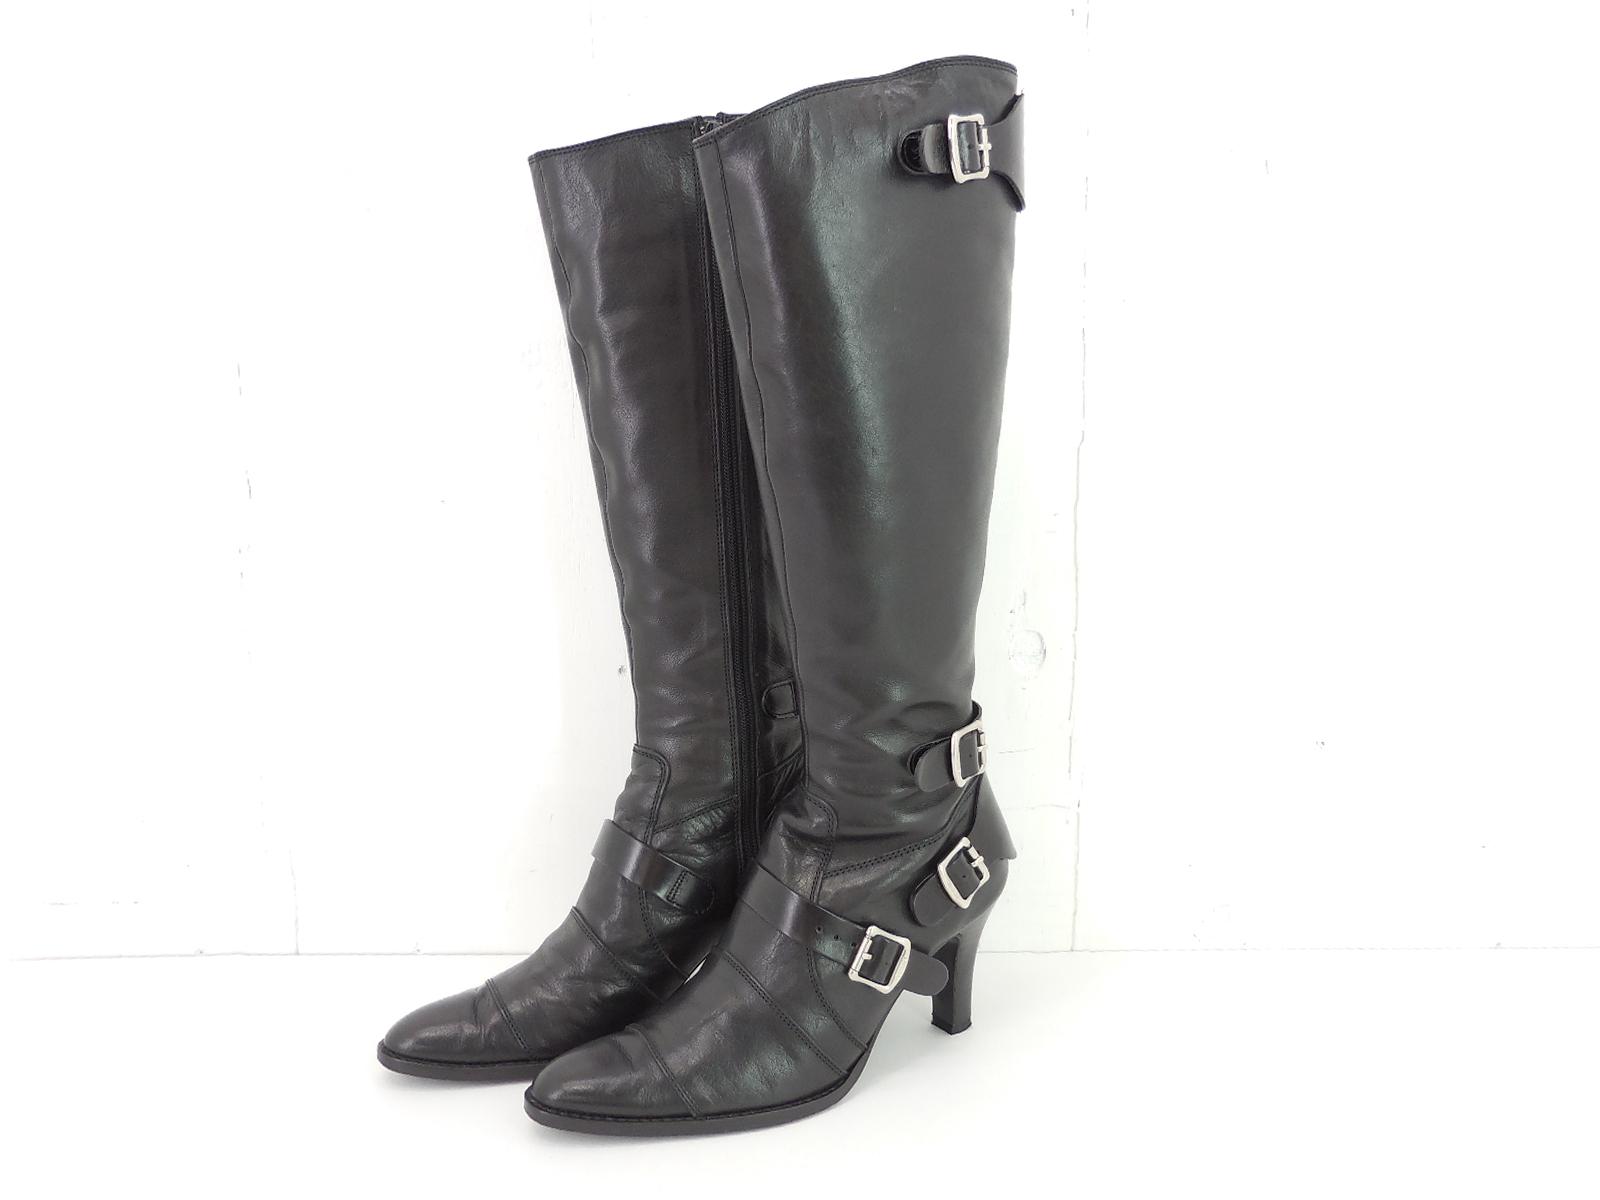 green LONG BOOTS size:38 グリーン ロングブーツ ヒール ブーツ ブラック HYKE